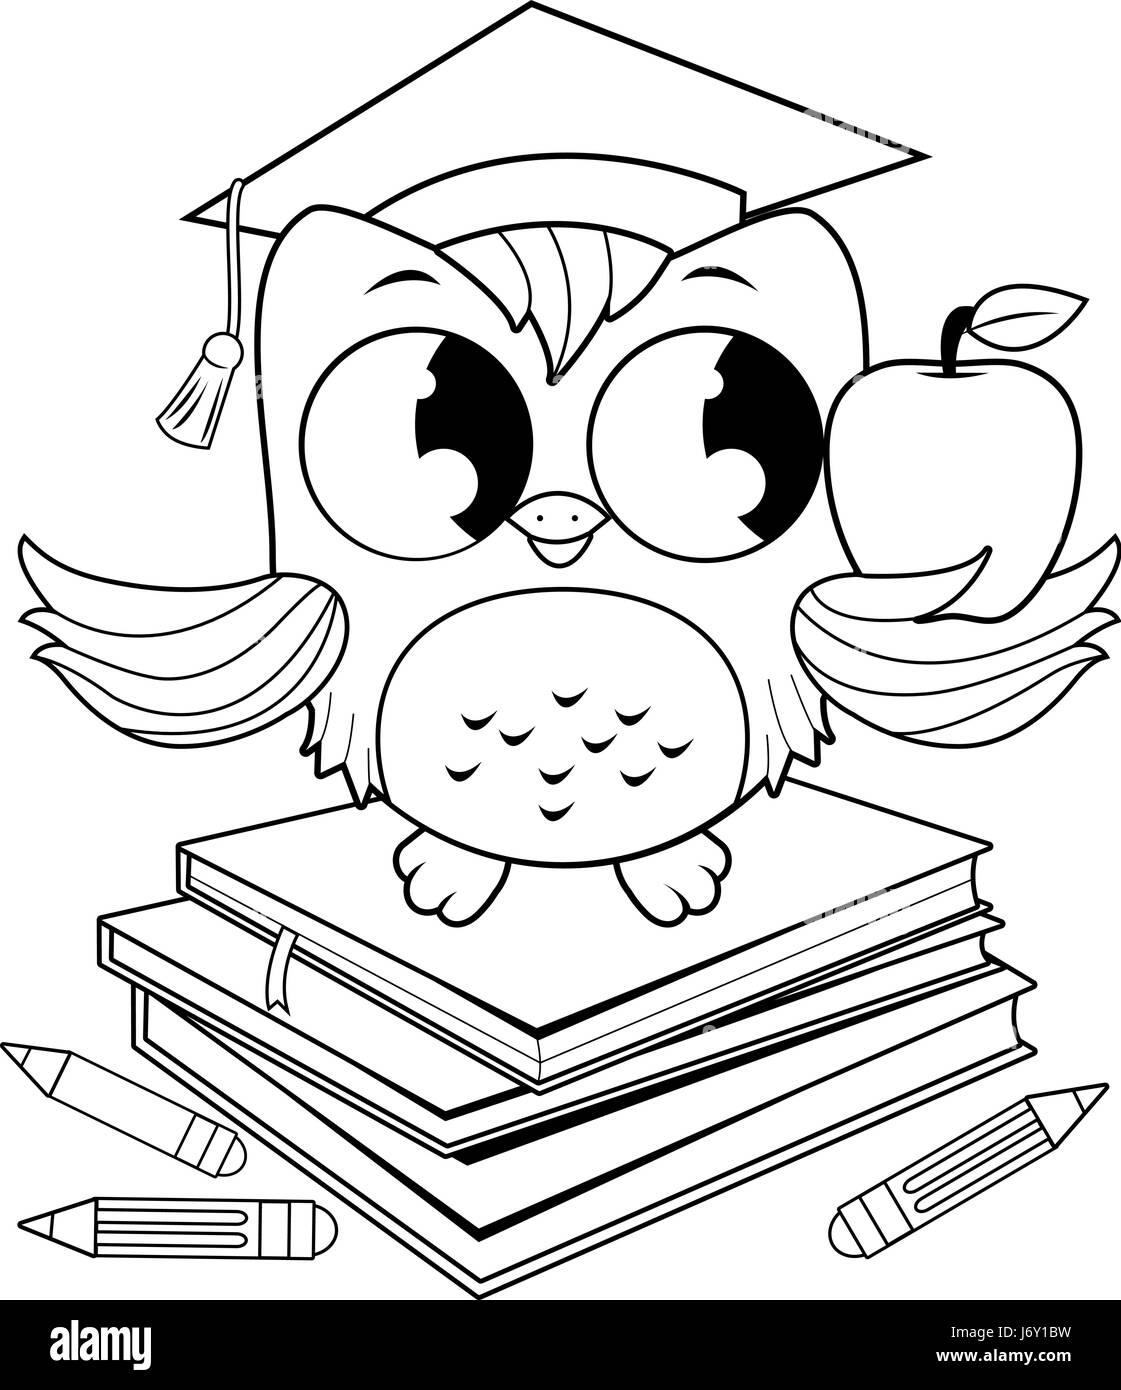 Eule auf Bücher mit Graduierung Hut Buch Malvorlagen Vektor ...